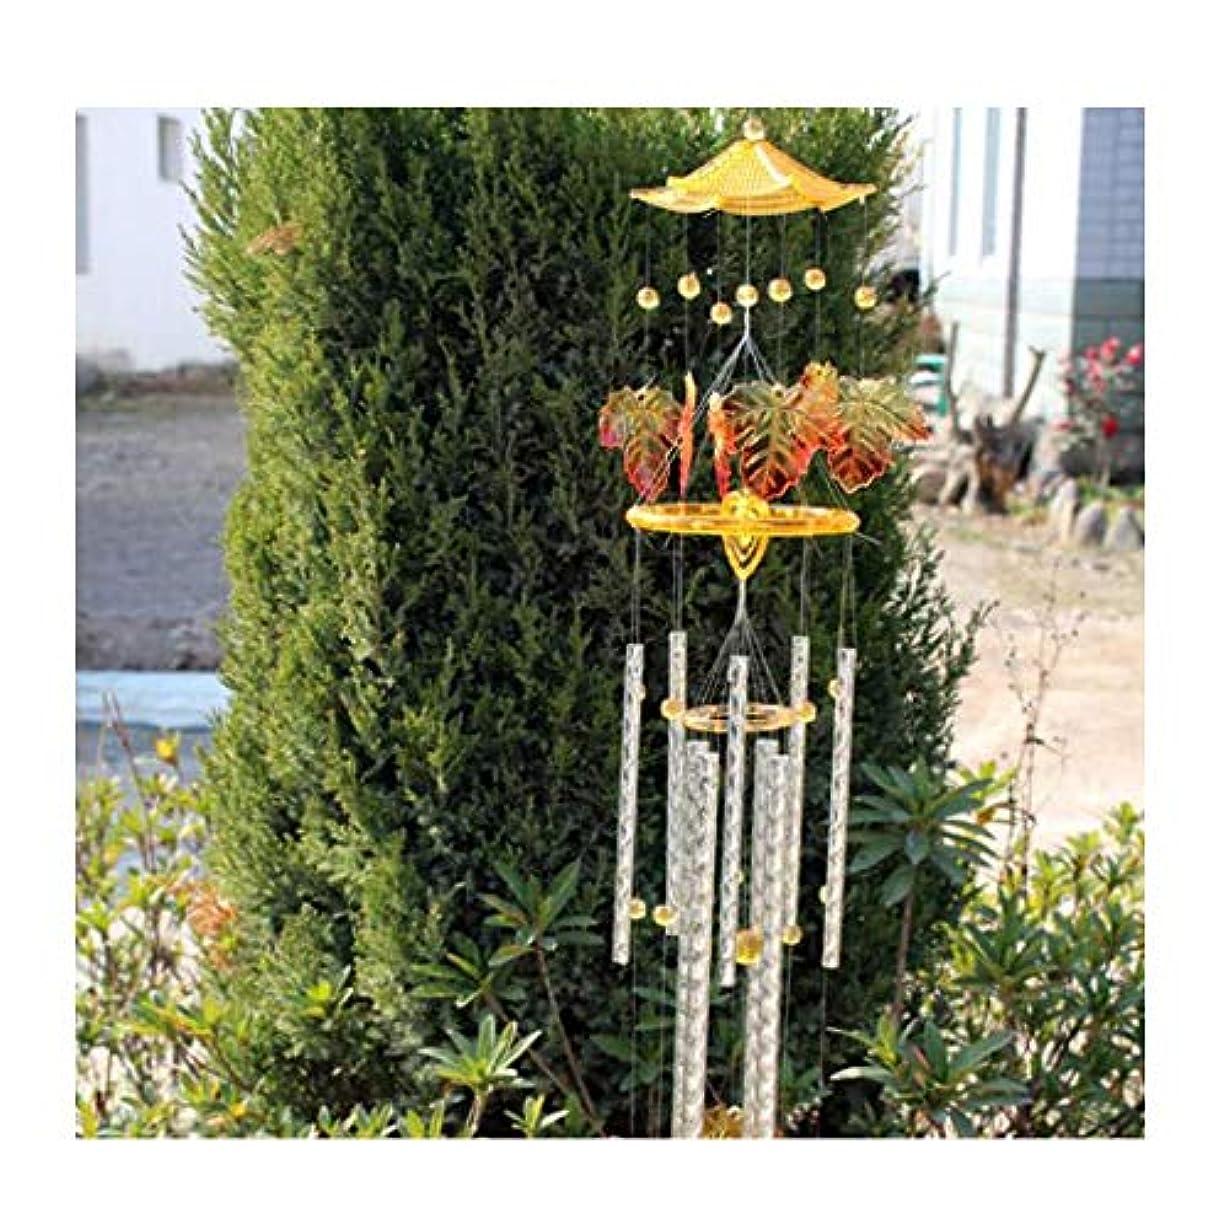 飛行機ねじれなんとなく風鈴、創造的なカエデの葉9チューブ風鈴飾り、家庭のリビングルームベッドルーム中庭の装飾、毎日の贈り物 (Color : Yellow, Size : 90cm)